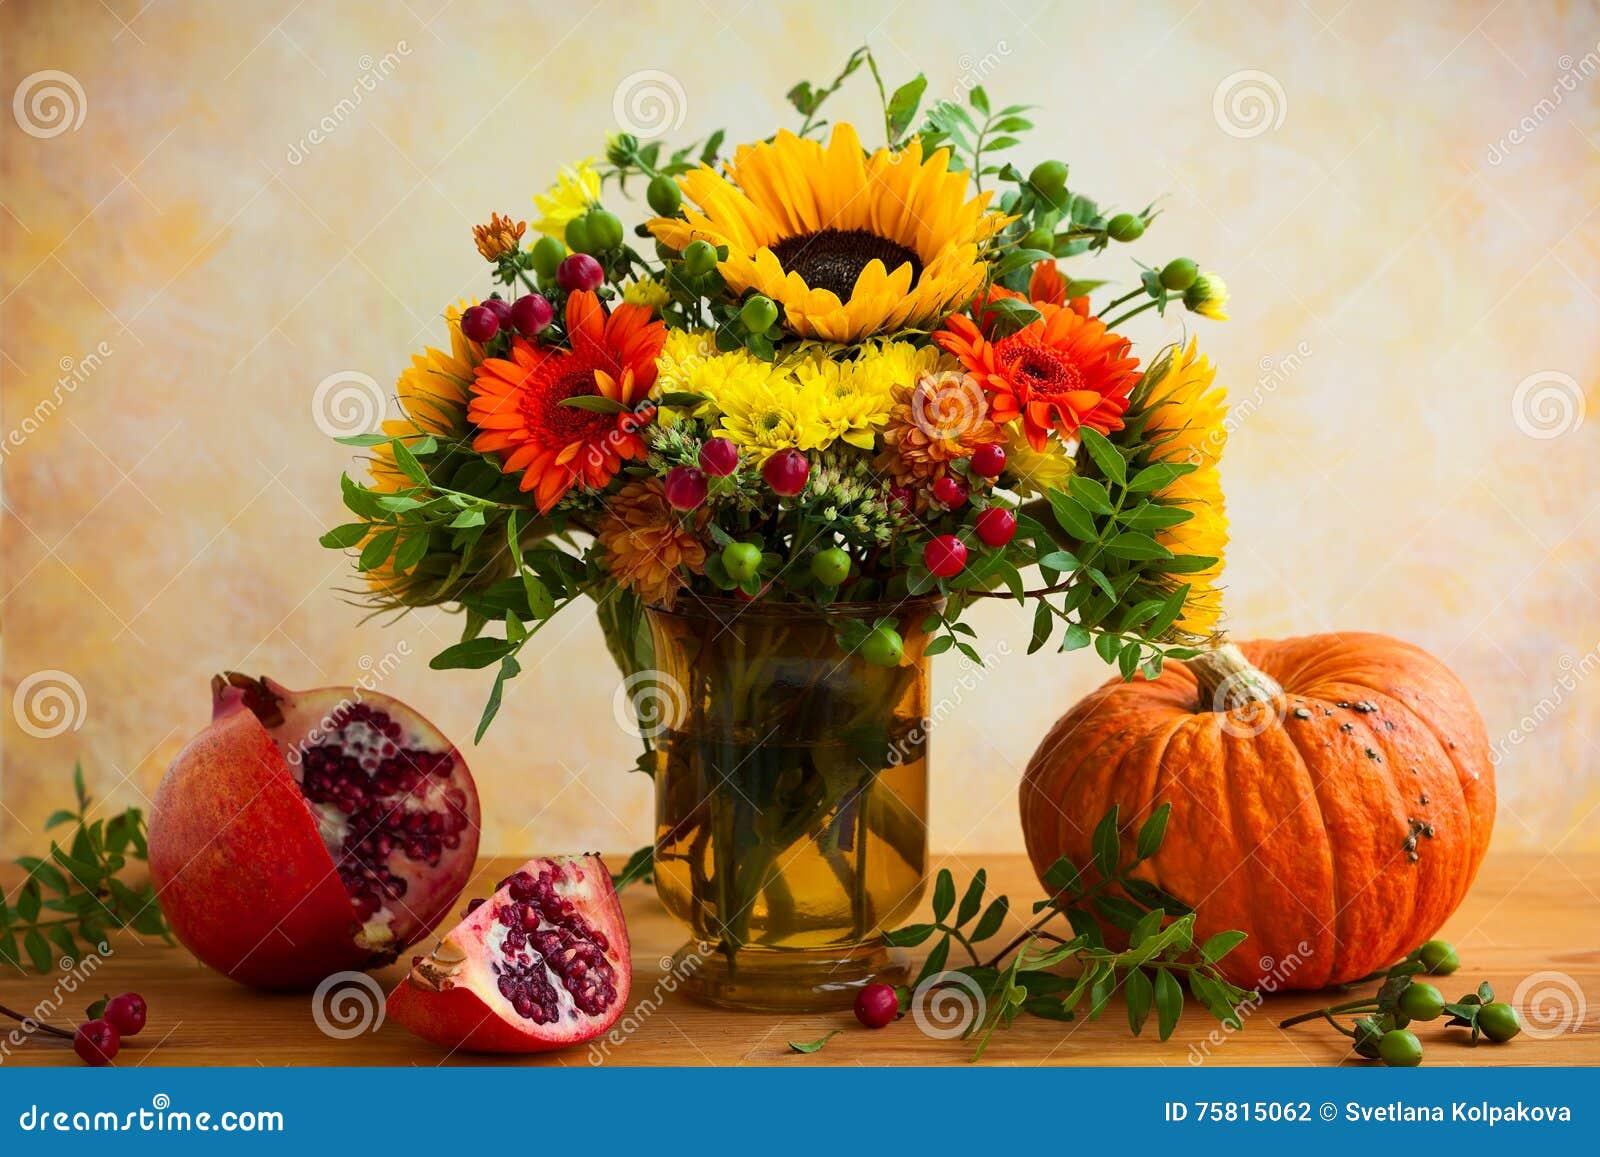 herbstblumen und k rbis stockfoto bild von chrysantheme. Black Bedroom Furniture Sets. Home Design Ideas